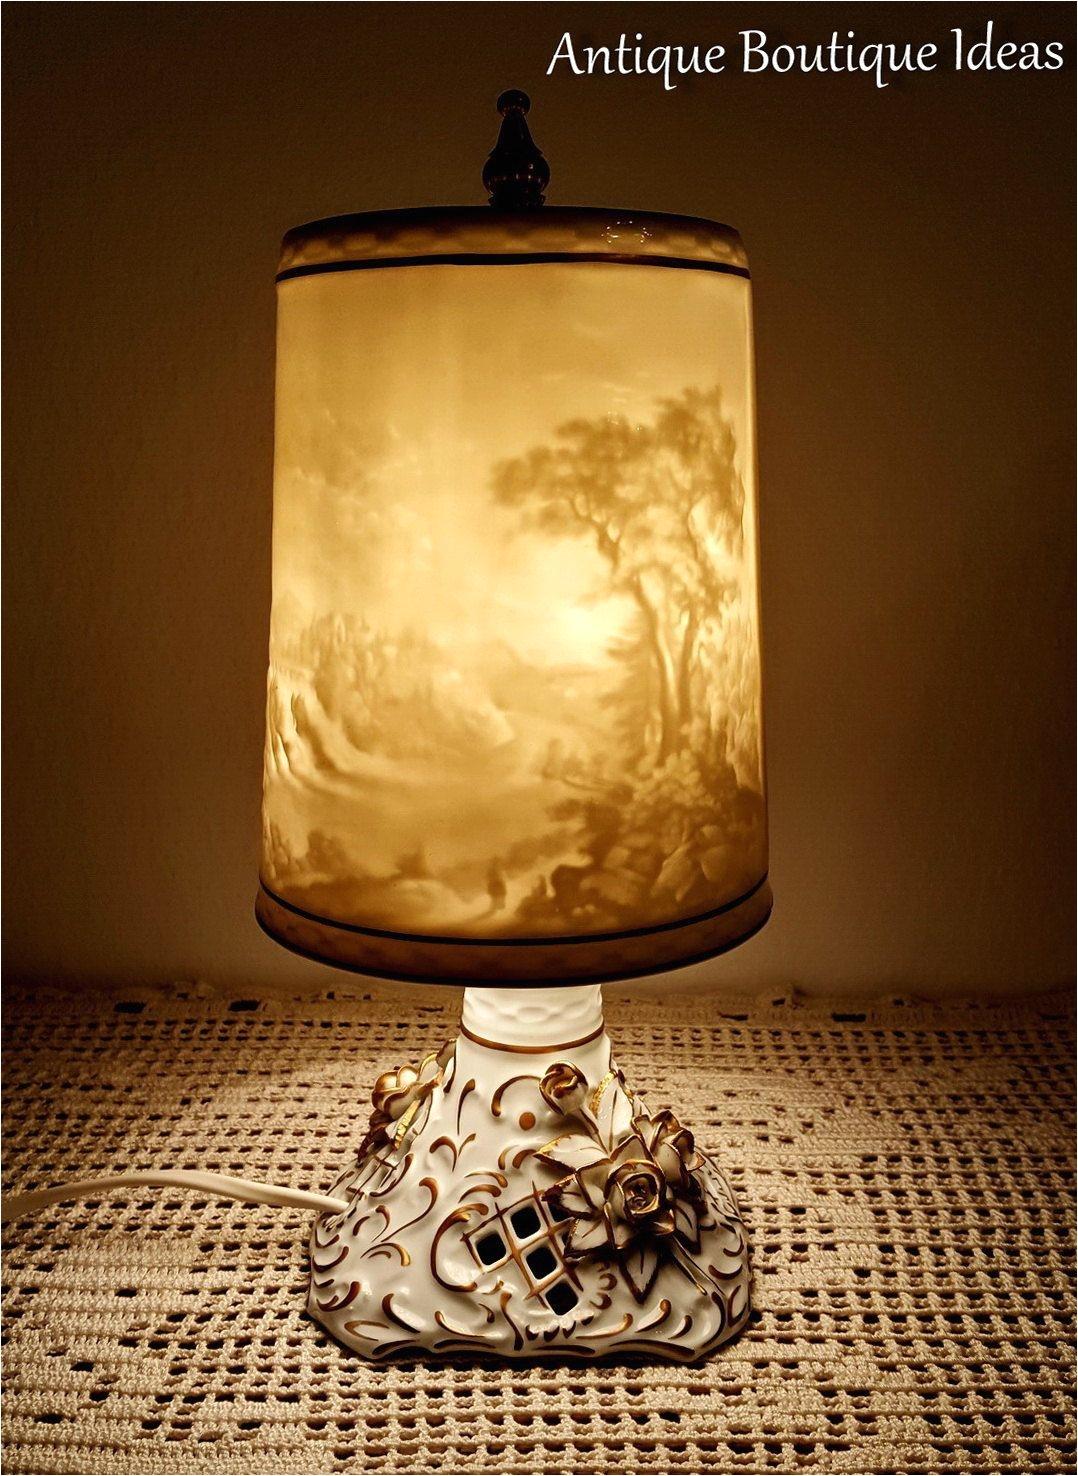 unique vintage lithophane lamp bedside table lamp vintage plaue lithophanie shades german porcelain by antiqueboutiqueideas on